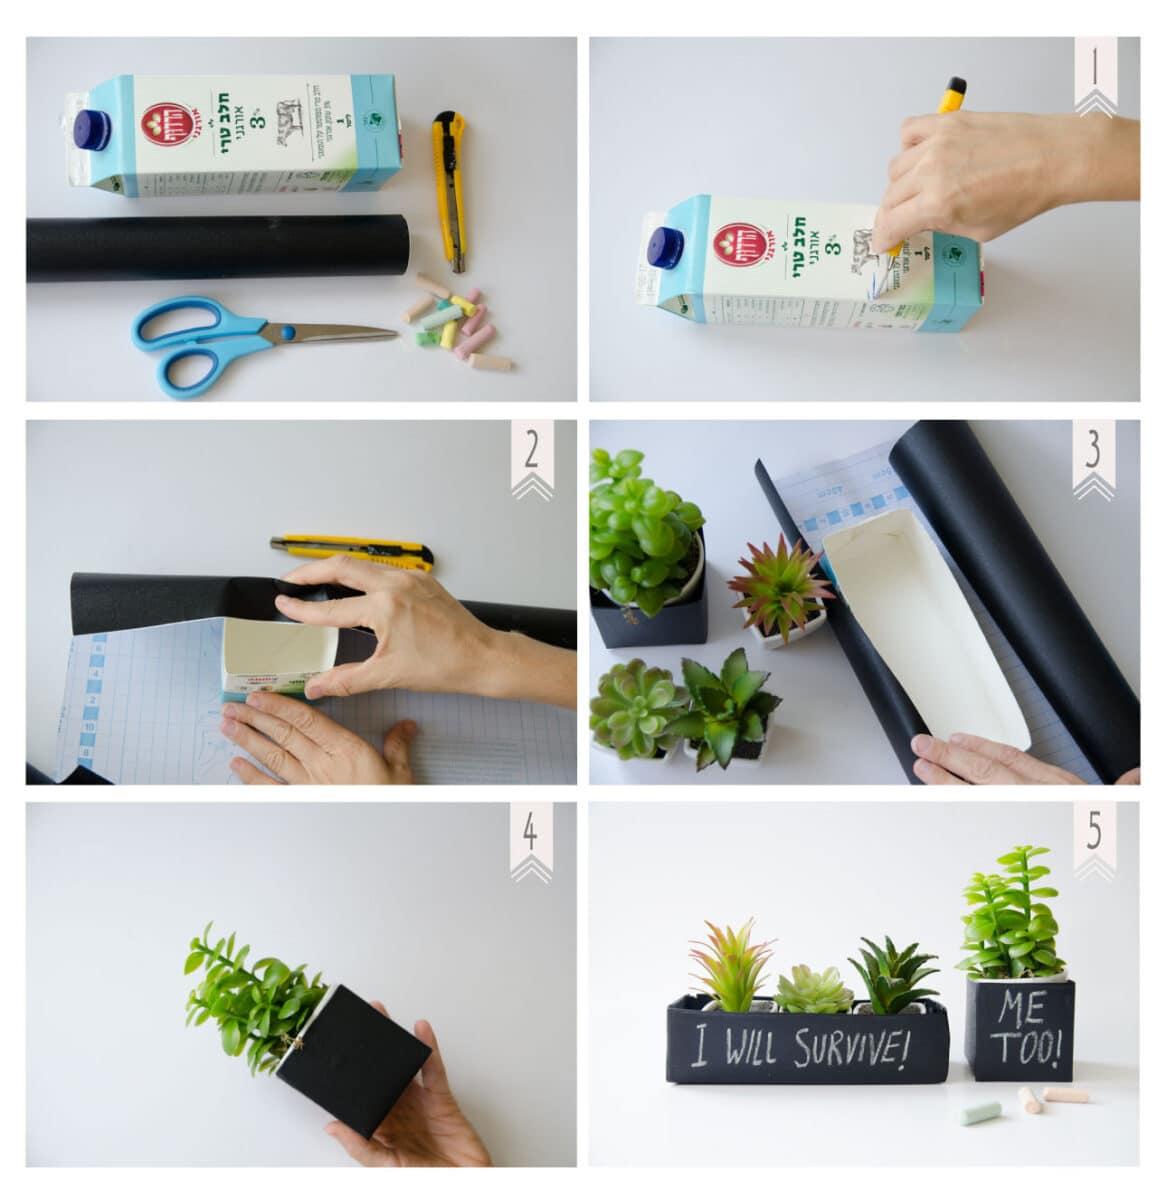 השלבים להכנת עציץ עם מסר